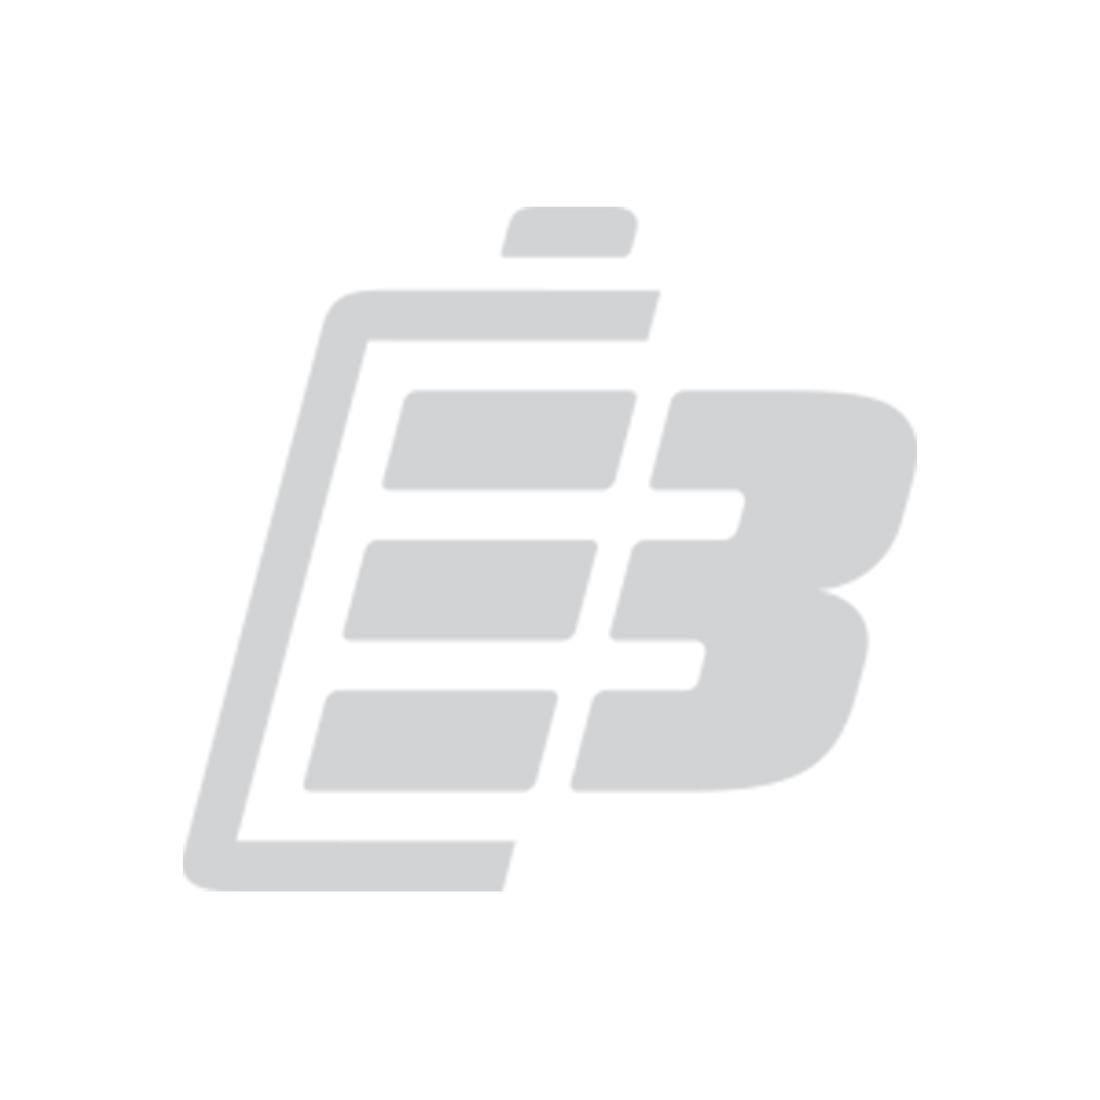 Μπαταρία ασύρματου τηλεφώνου Sony BP-T40_1